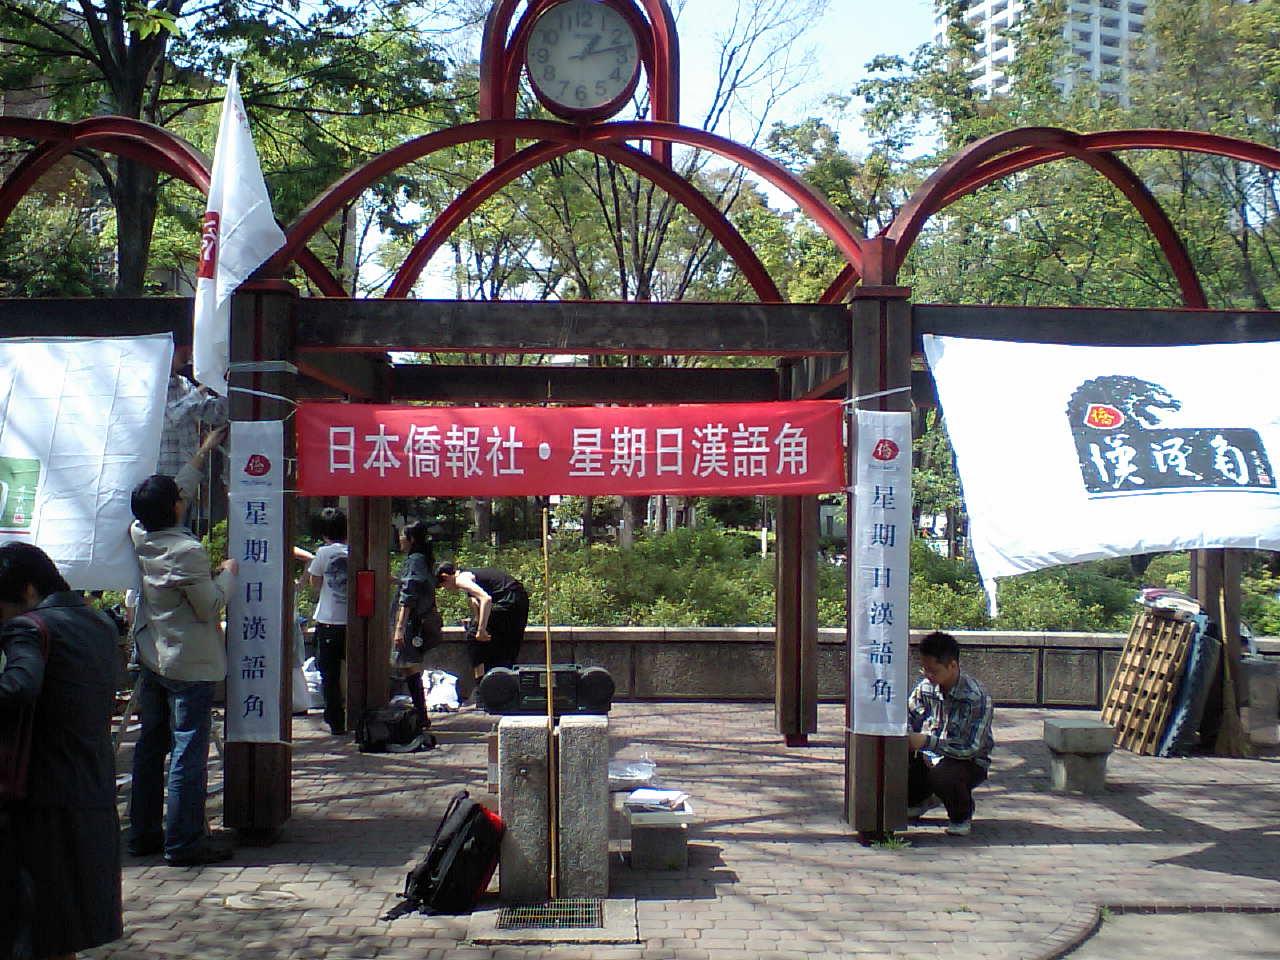 第86回星期日漢語角特別交流会の会場です_d0027795_13155439.jpg